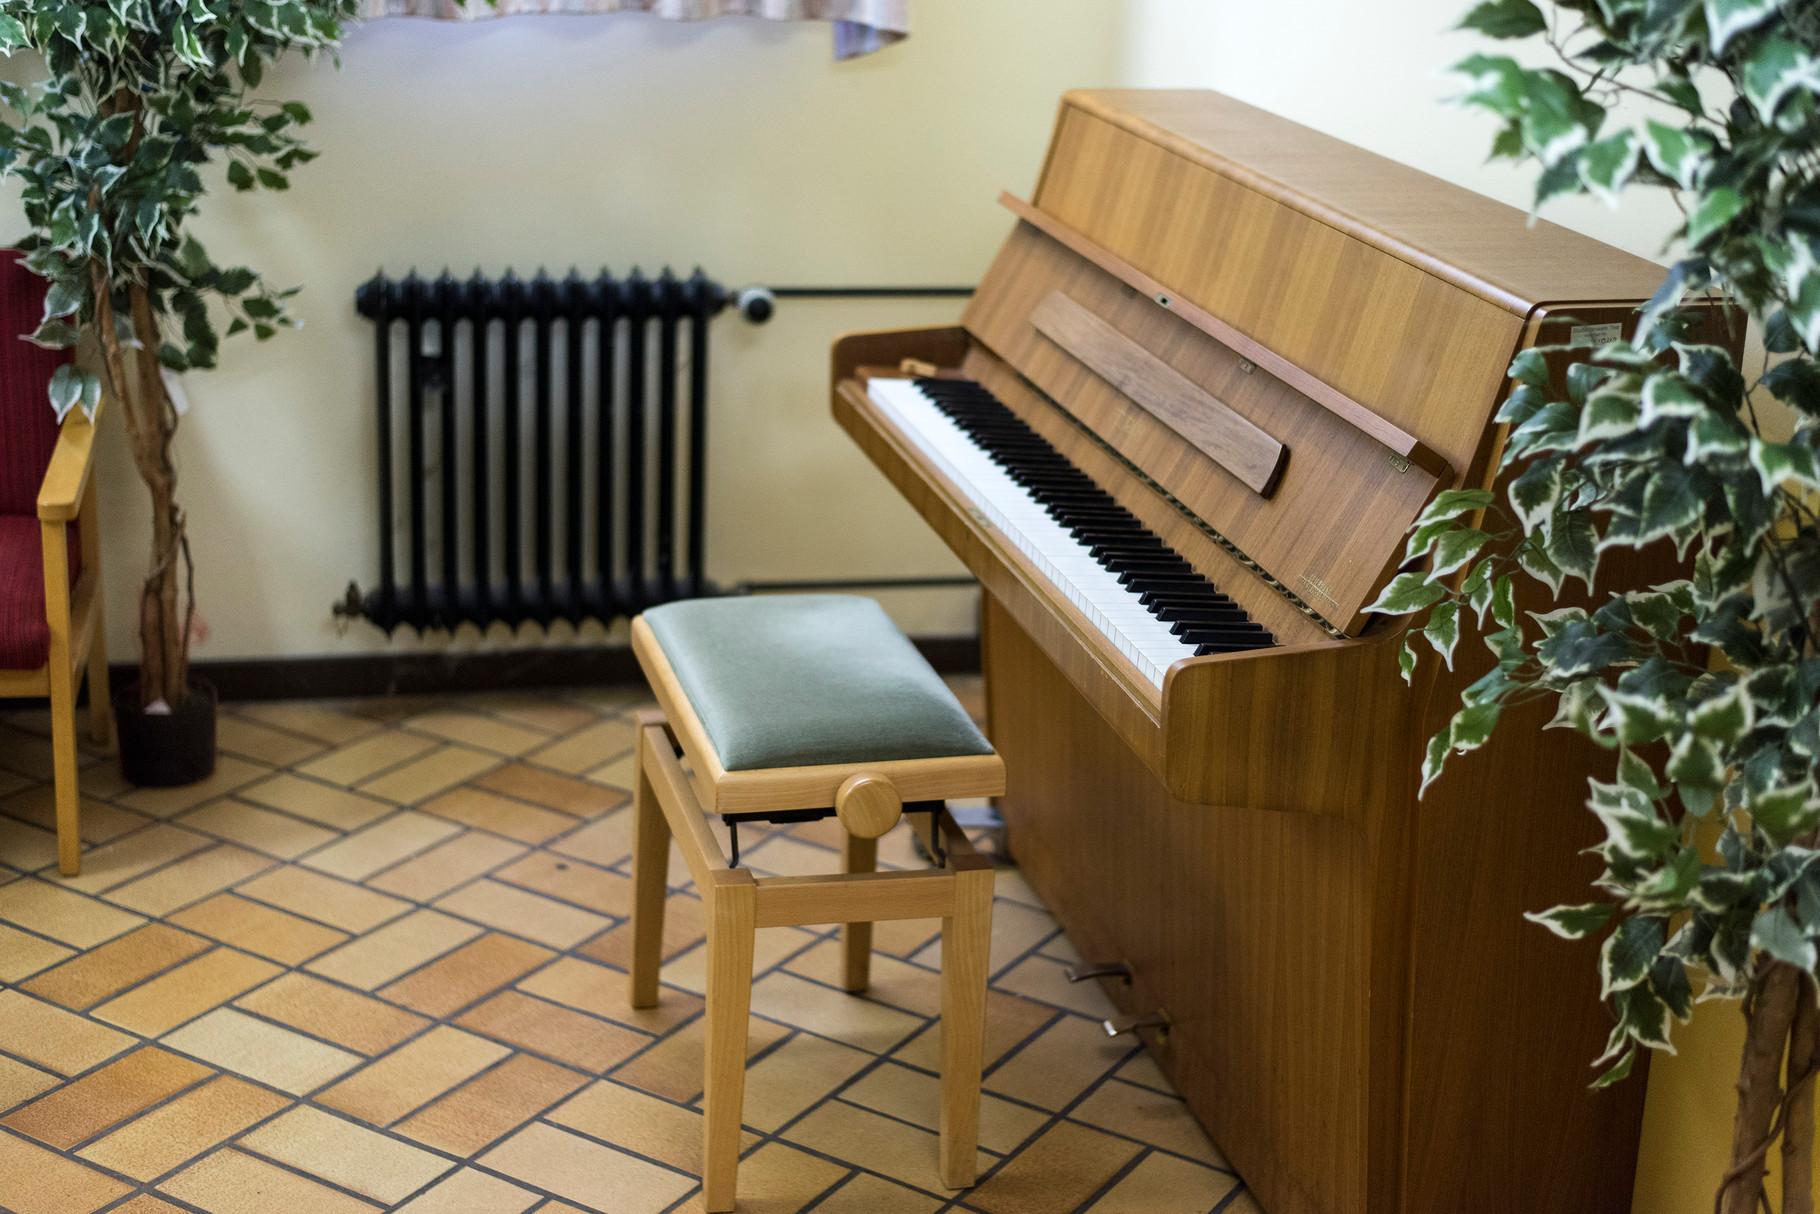 Klavierraum in Haus 1 - Quelle: Studiwerk Trier